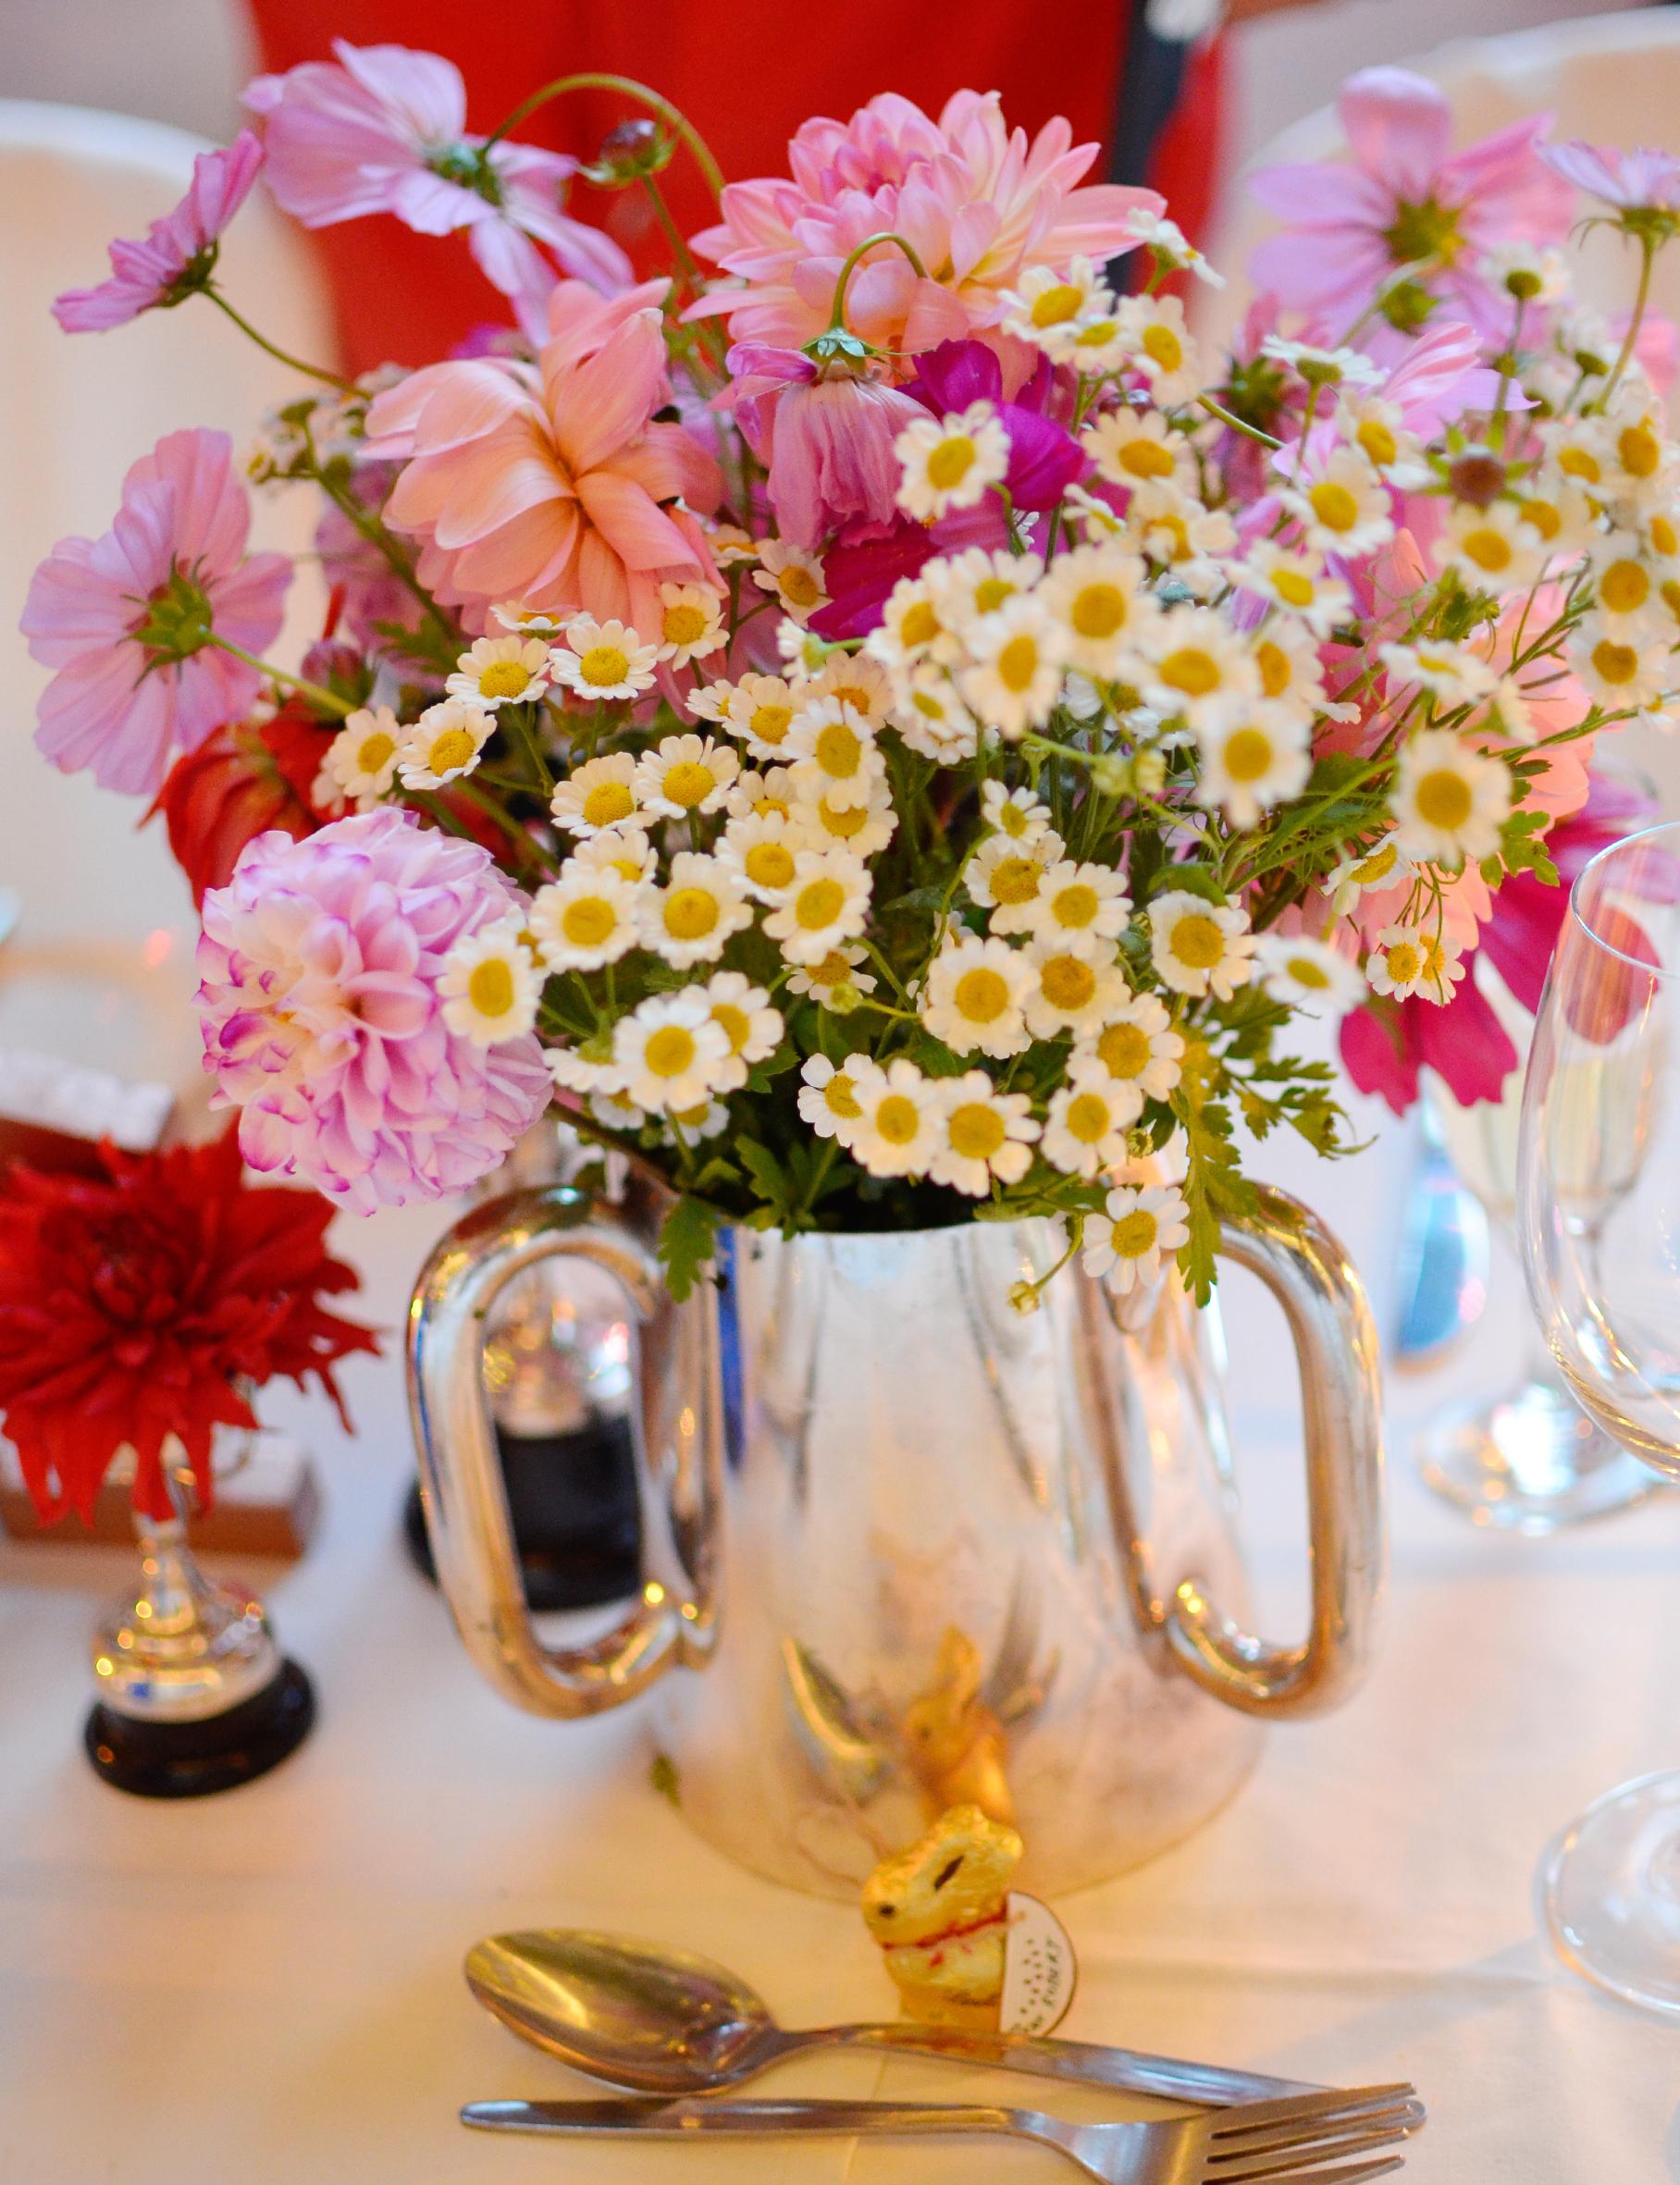 _DSC4450 flowers